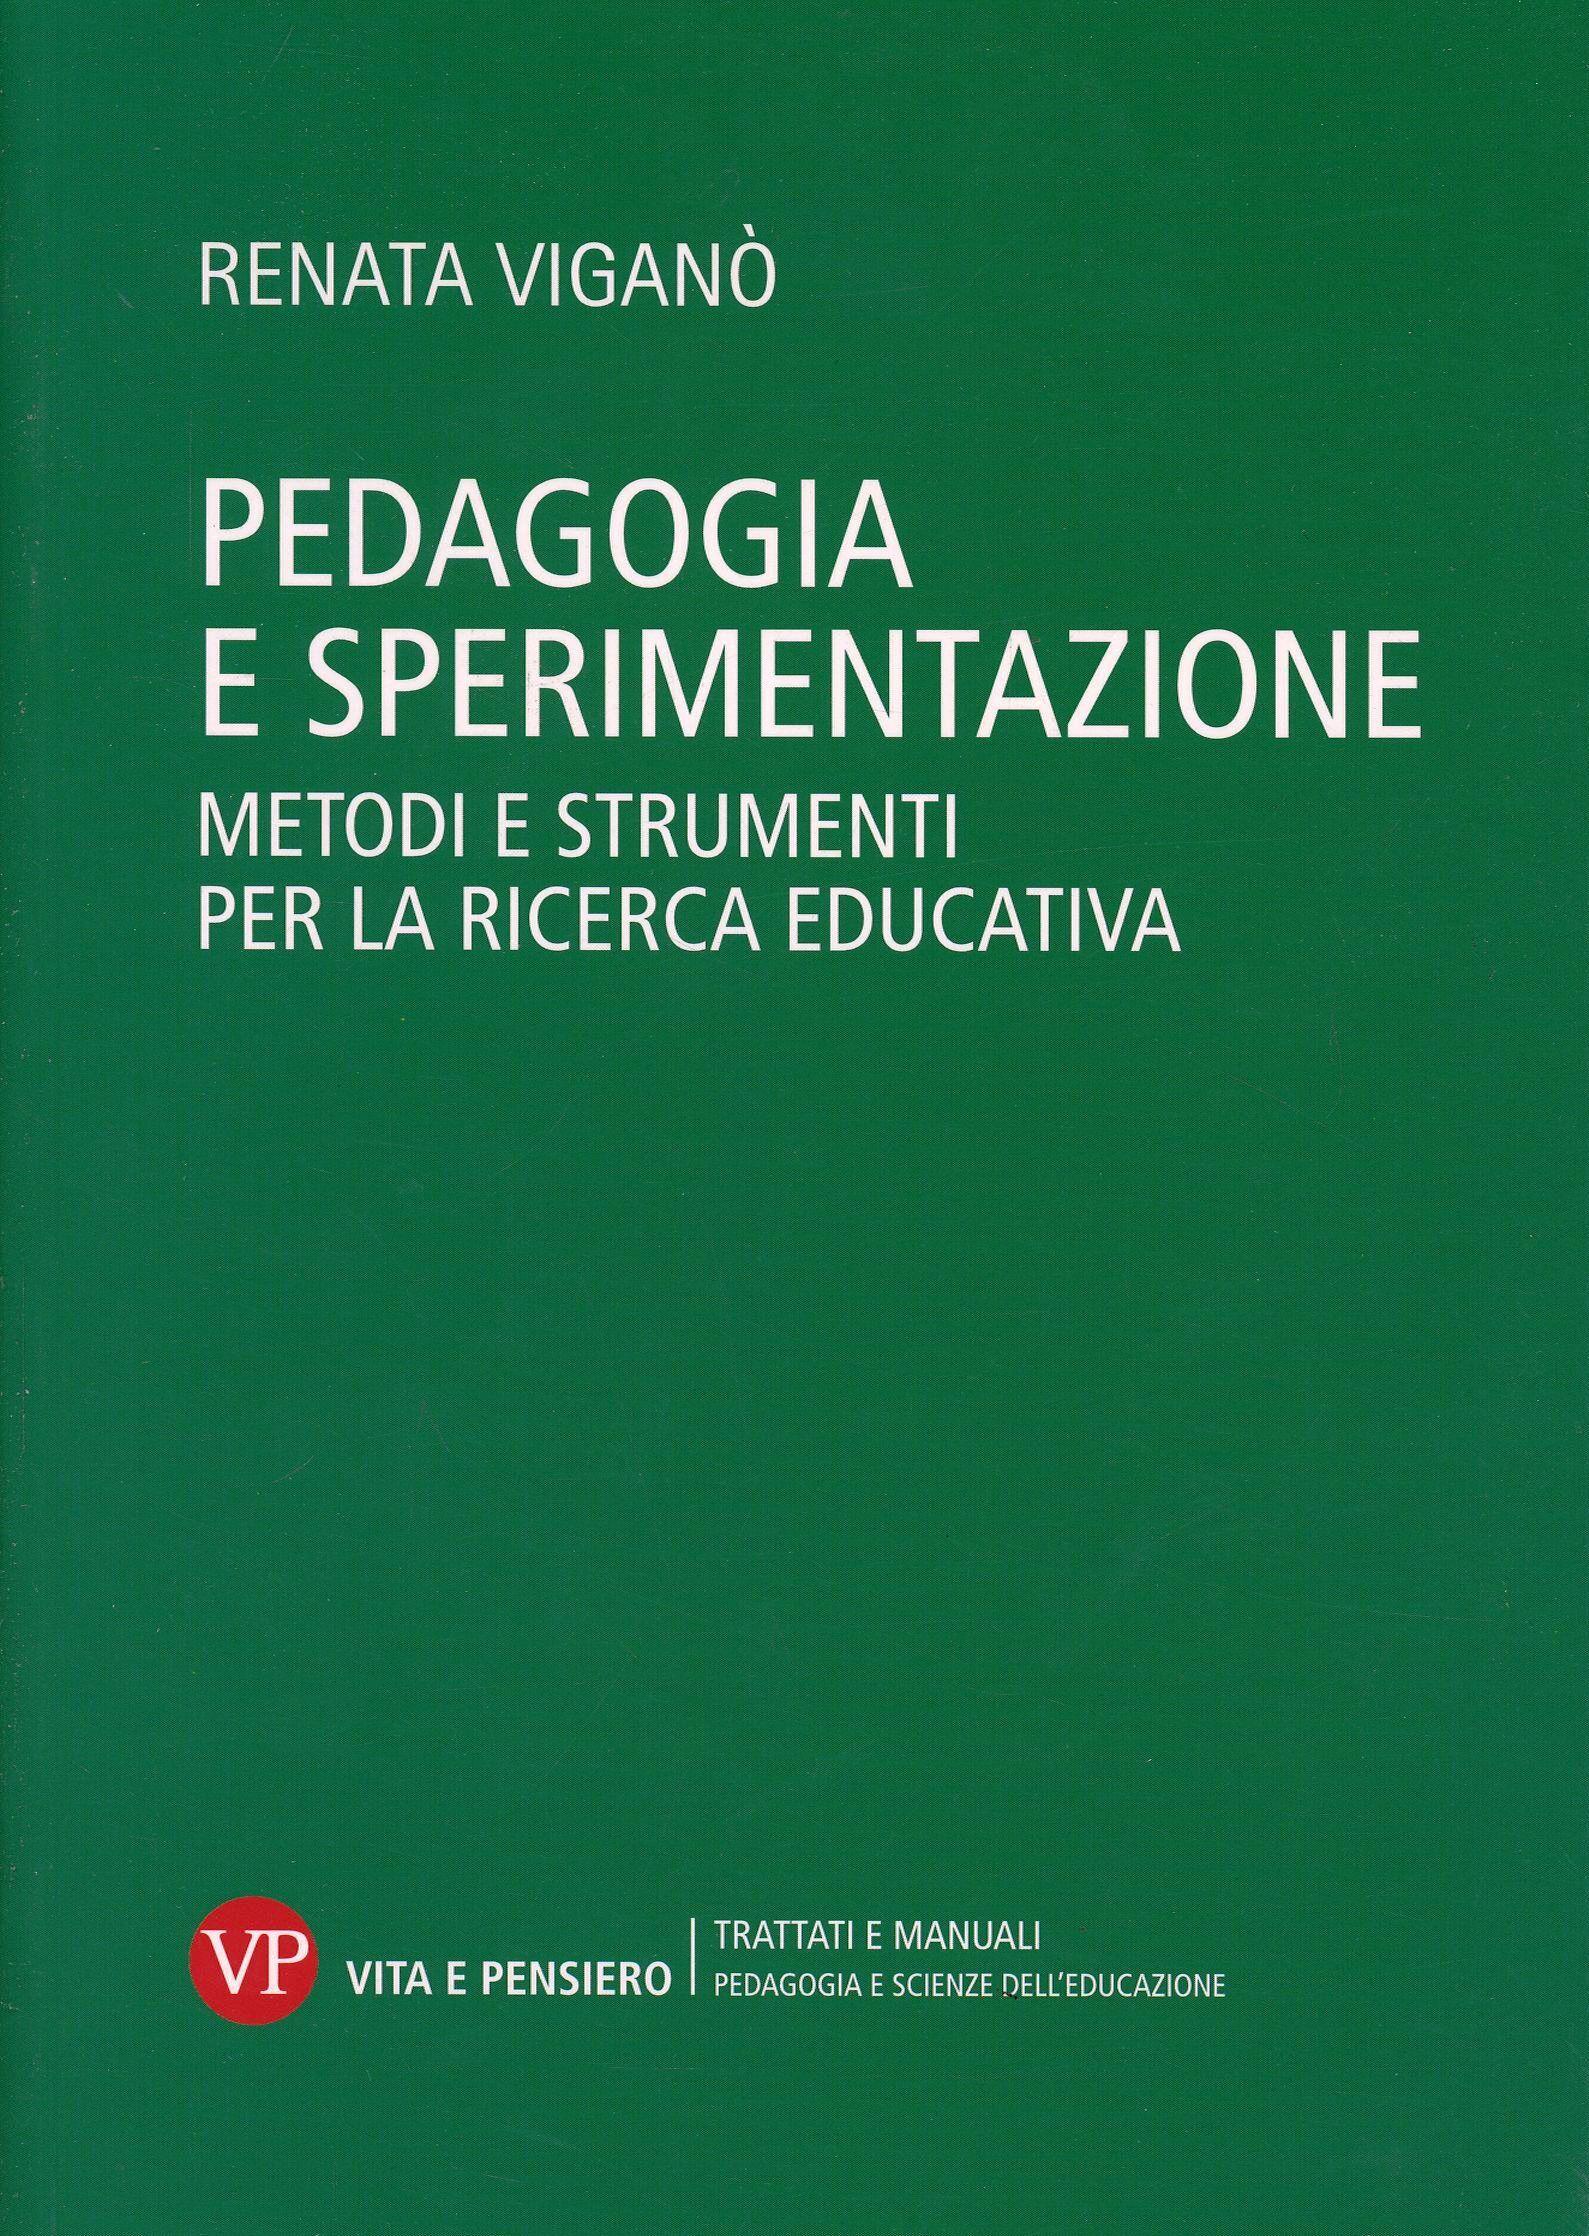 Pedagogia e sperimentazione. Metodi e strumenti per la ricerca educativa